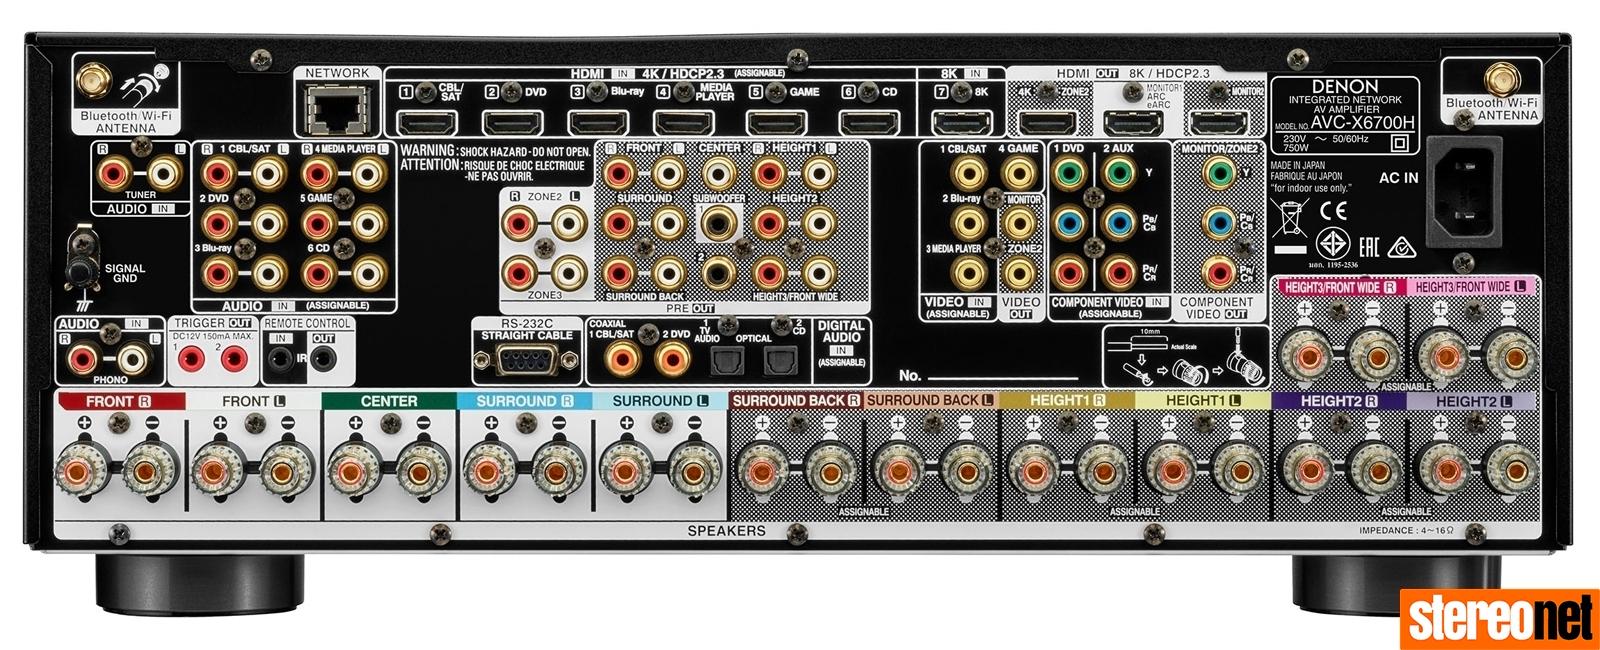 Denon 8K X-Series av receivers